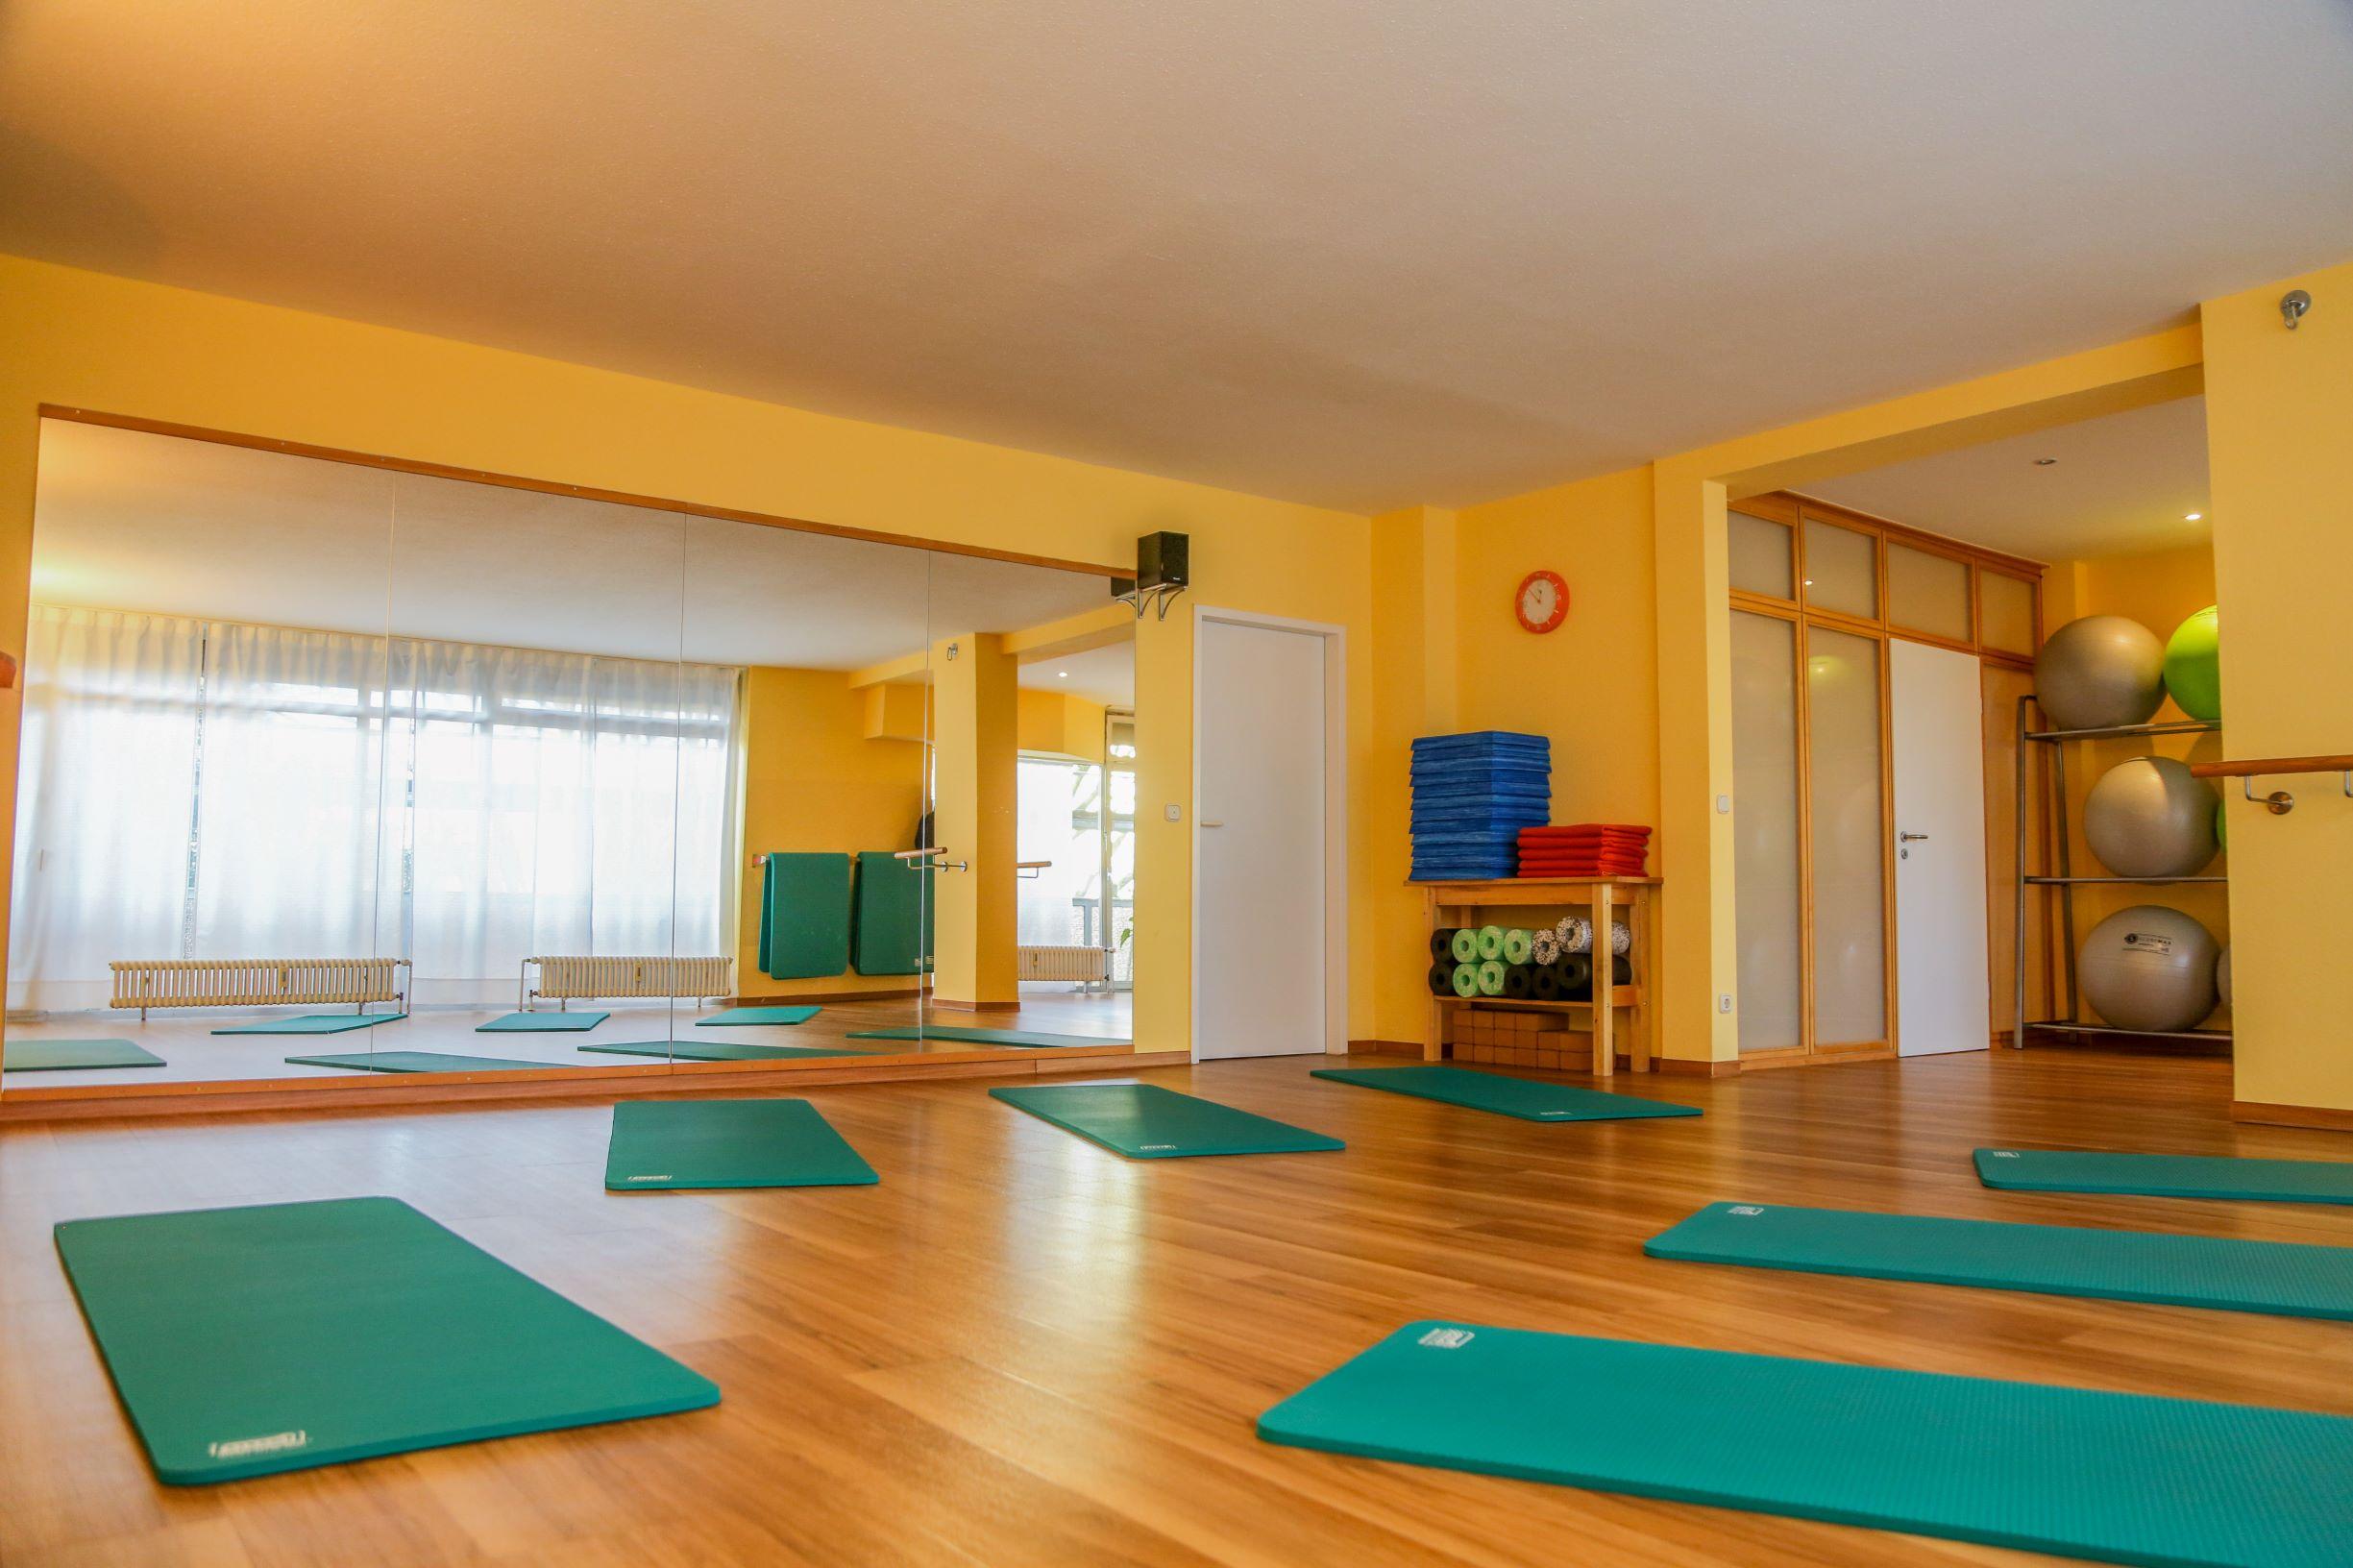 Der neue Trainingsraum, Gesundheitstraining Inka Liegmann, Köln-Weiden